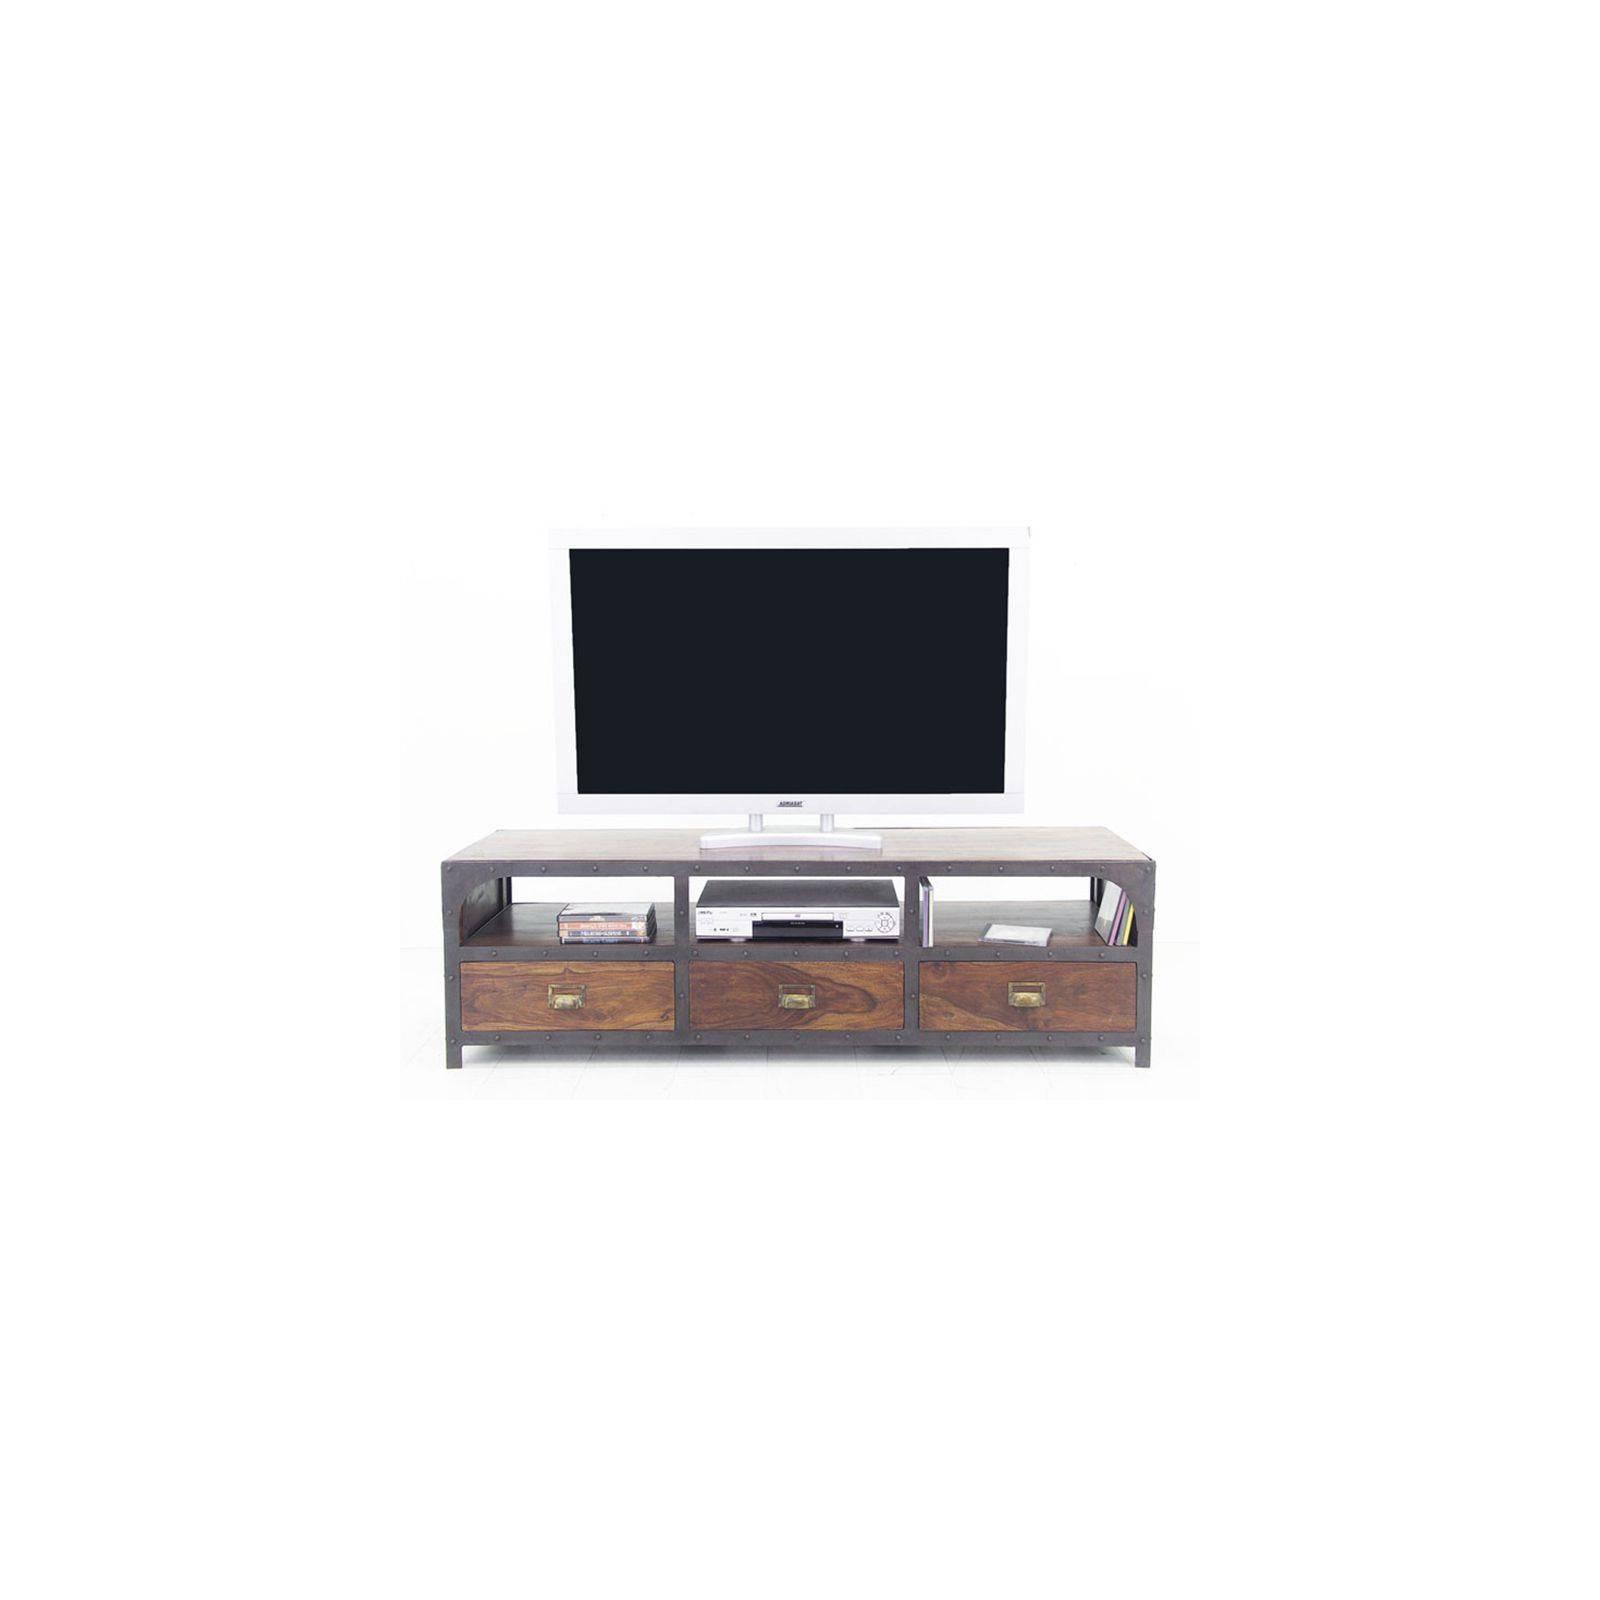 Meuble Tv style industriel : fer forgé et bois exotique